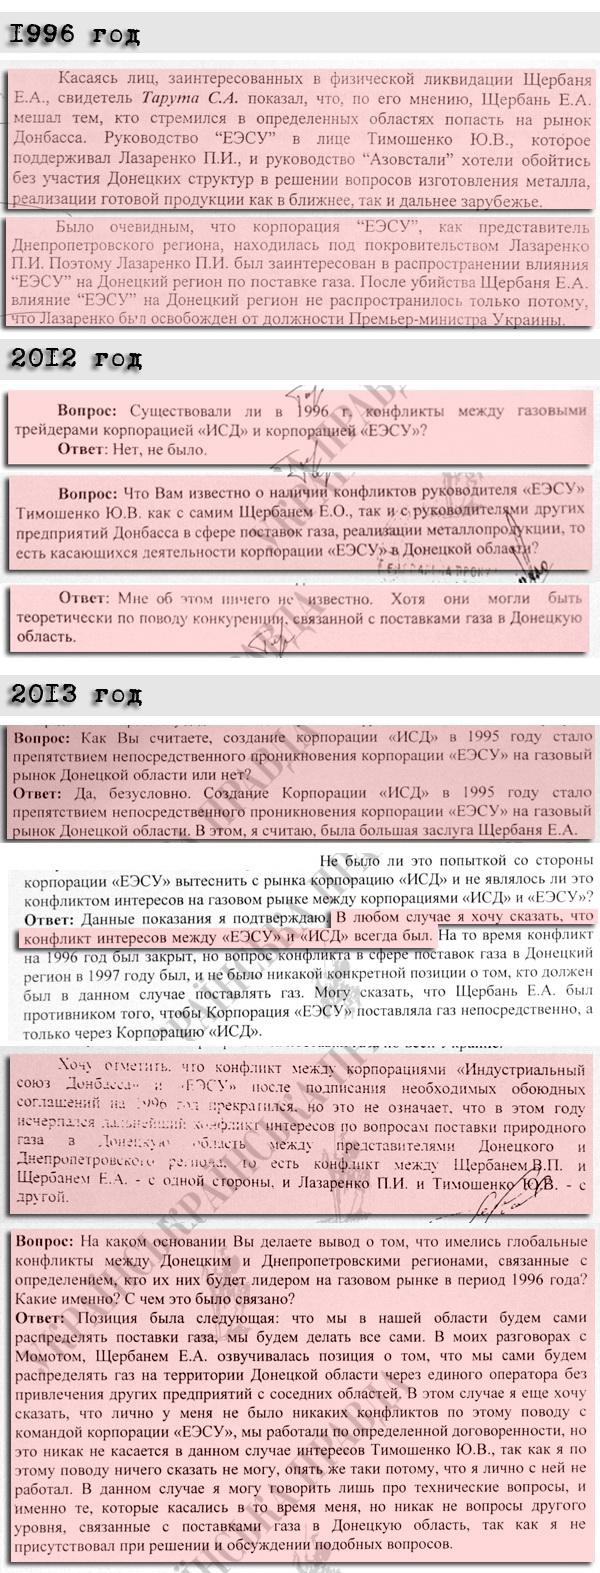 Схема показаний Сергея Таруты о конфликтах между ИСД и ЕЭСУ вокруг поставок газа в Донецкий регион